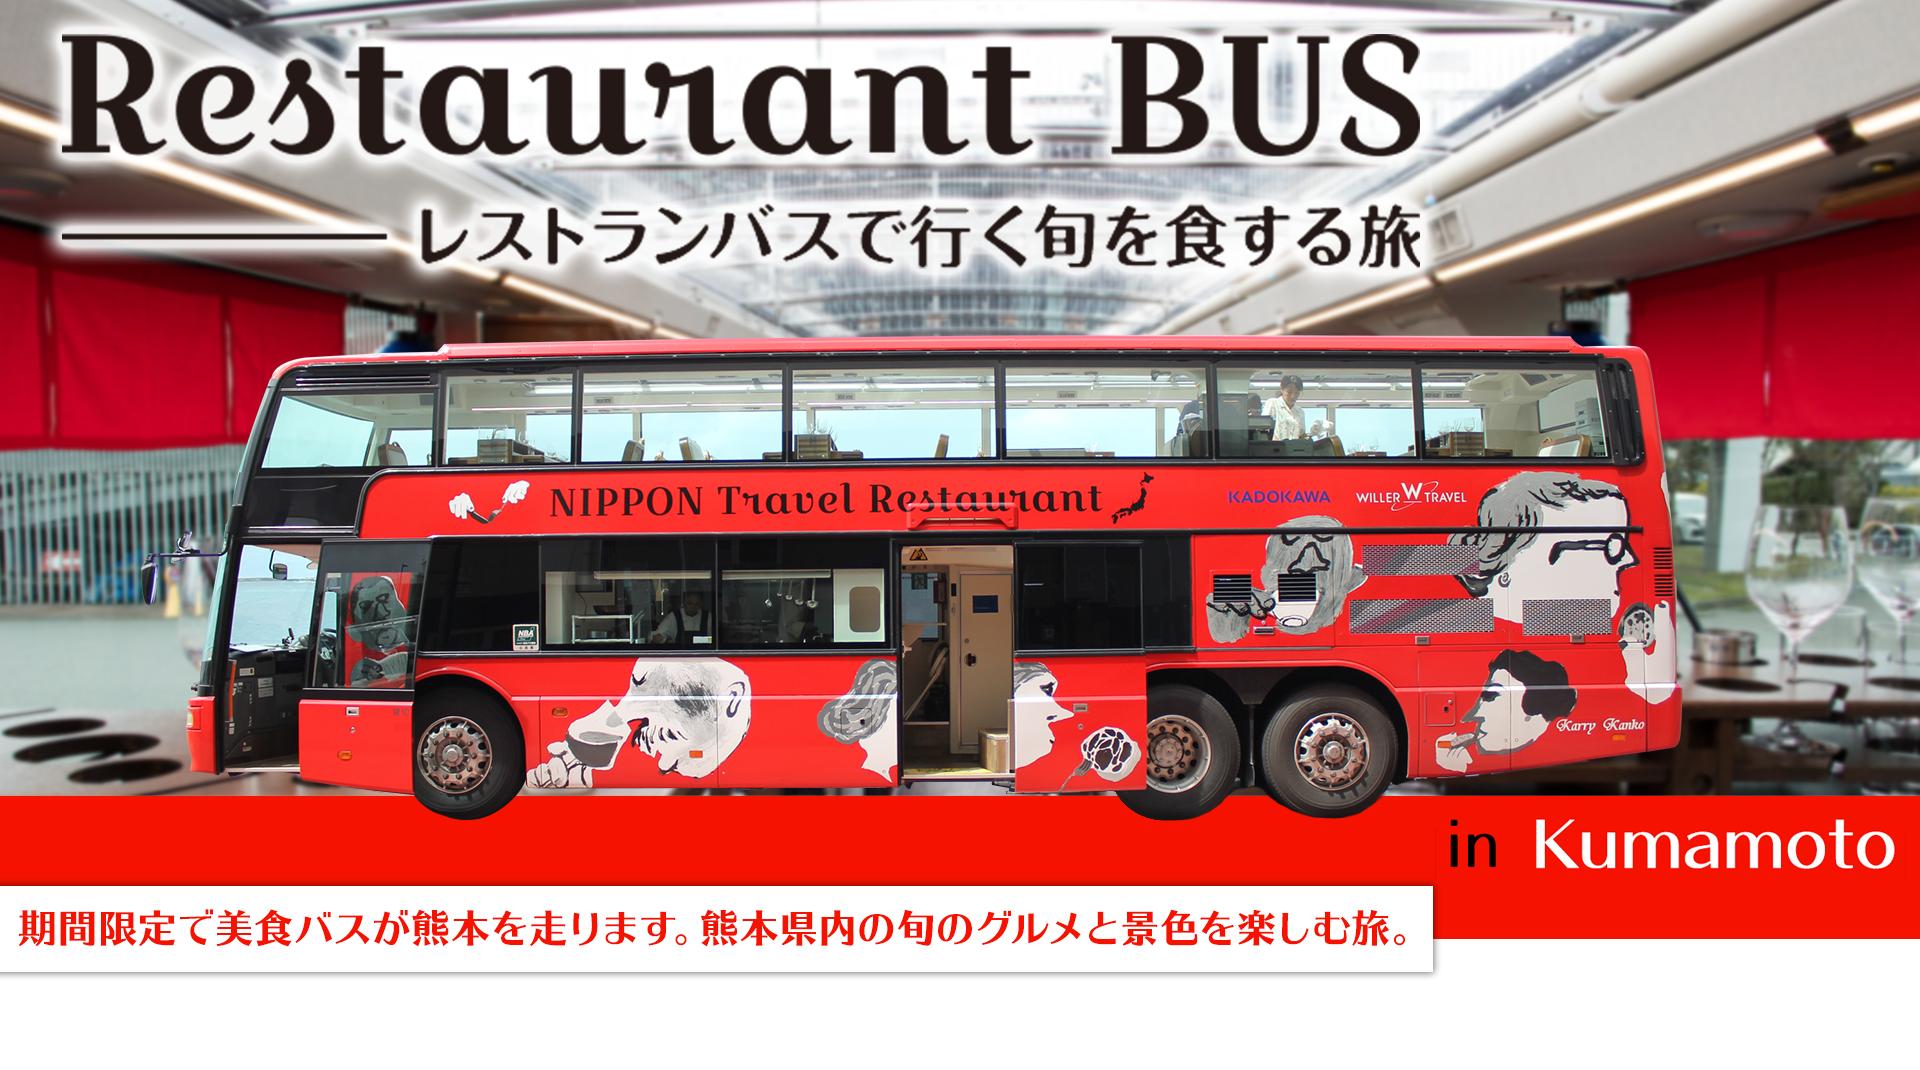 レストランバスで行く旬を食する旅 in Kumamotoイメージ